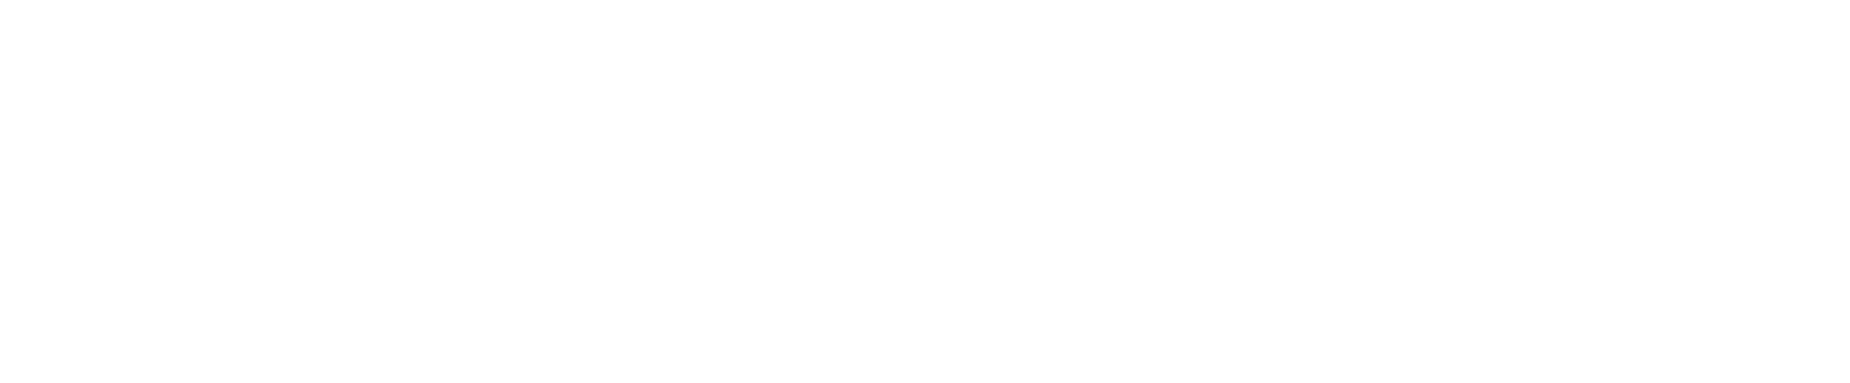 Jack C. Taylor Conference Center